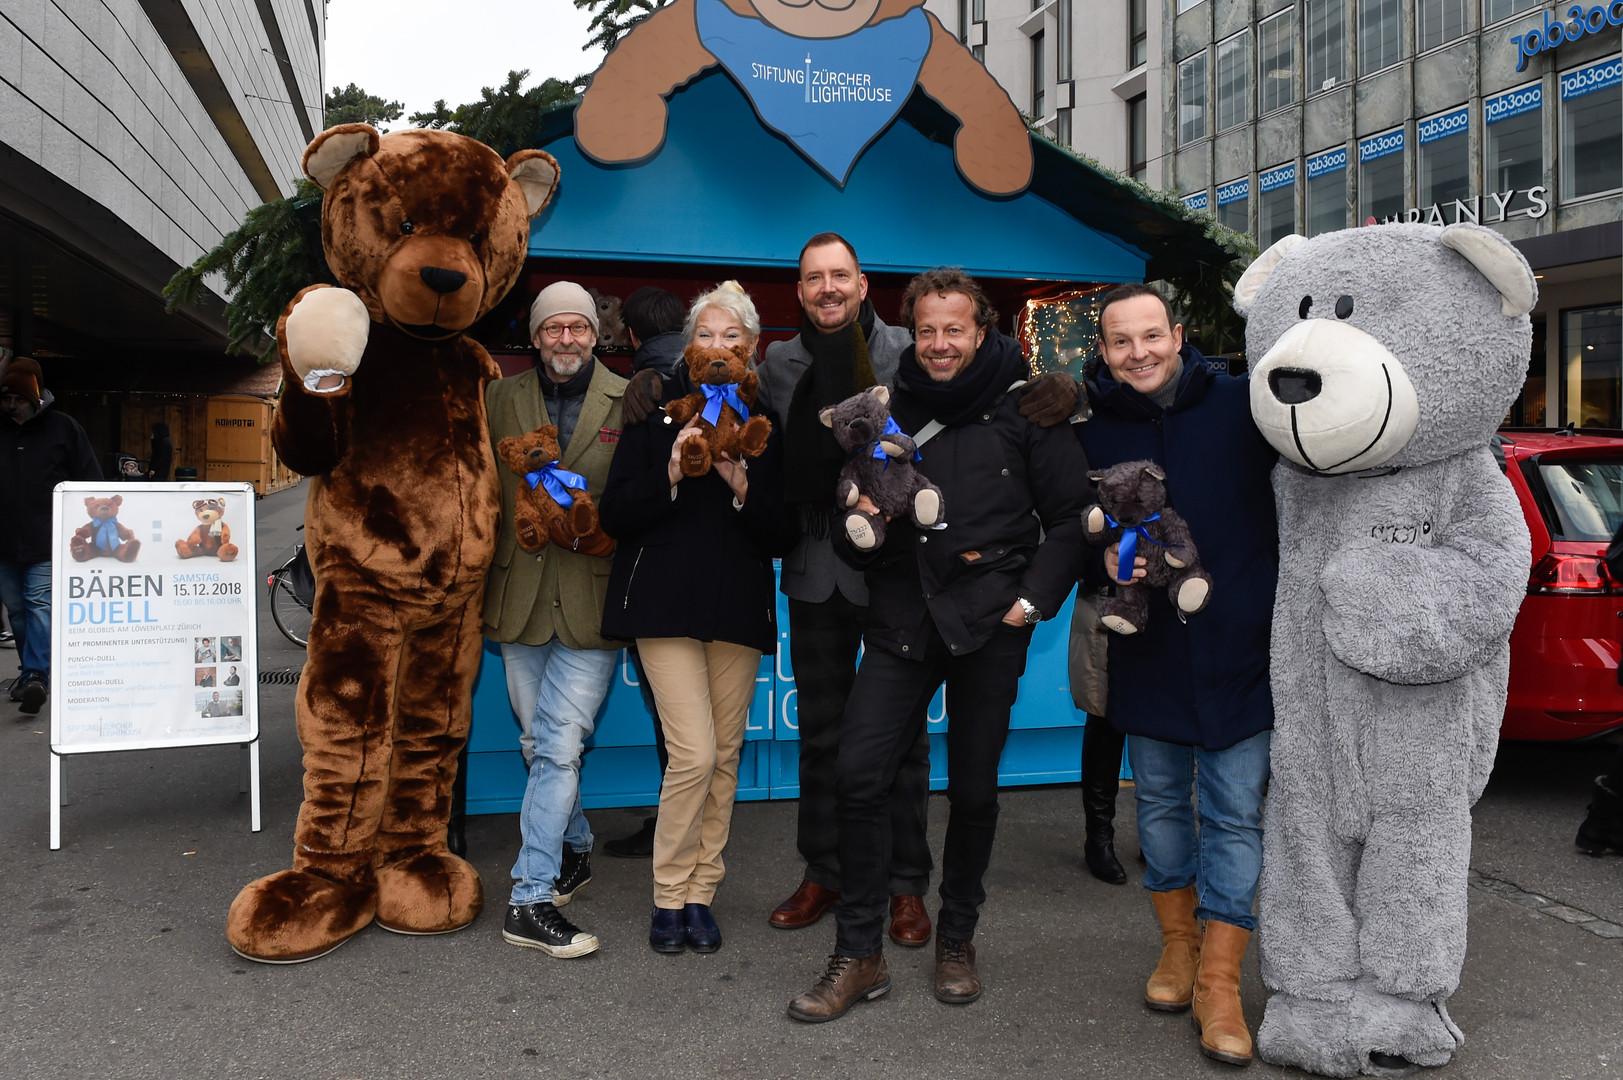 Bärenverkauf mit Erik Haemmerli, Birgit Steinegger, Rolf Hiltl und Claudio Zuccolini